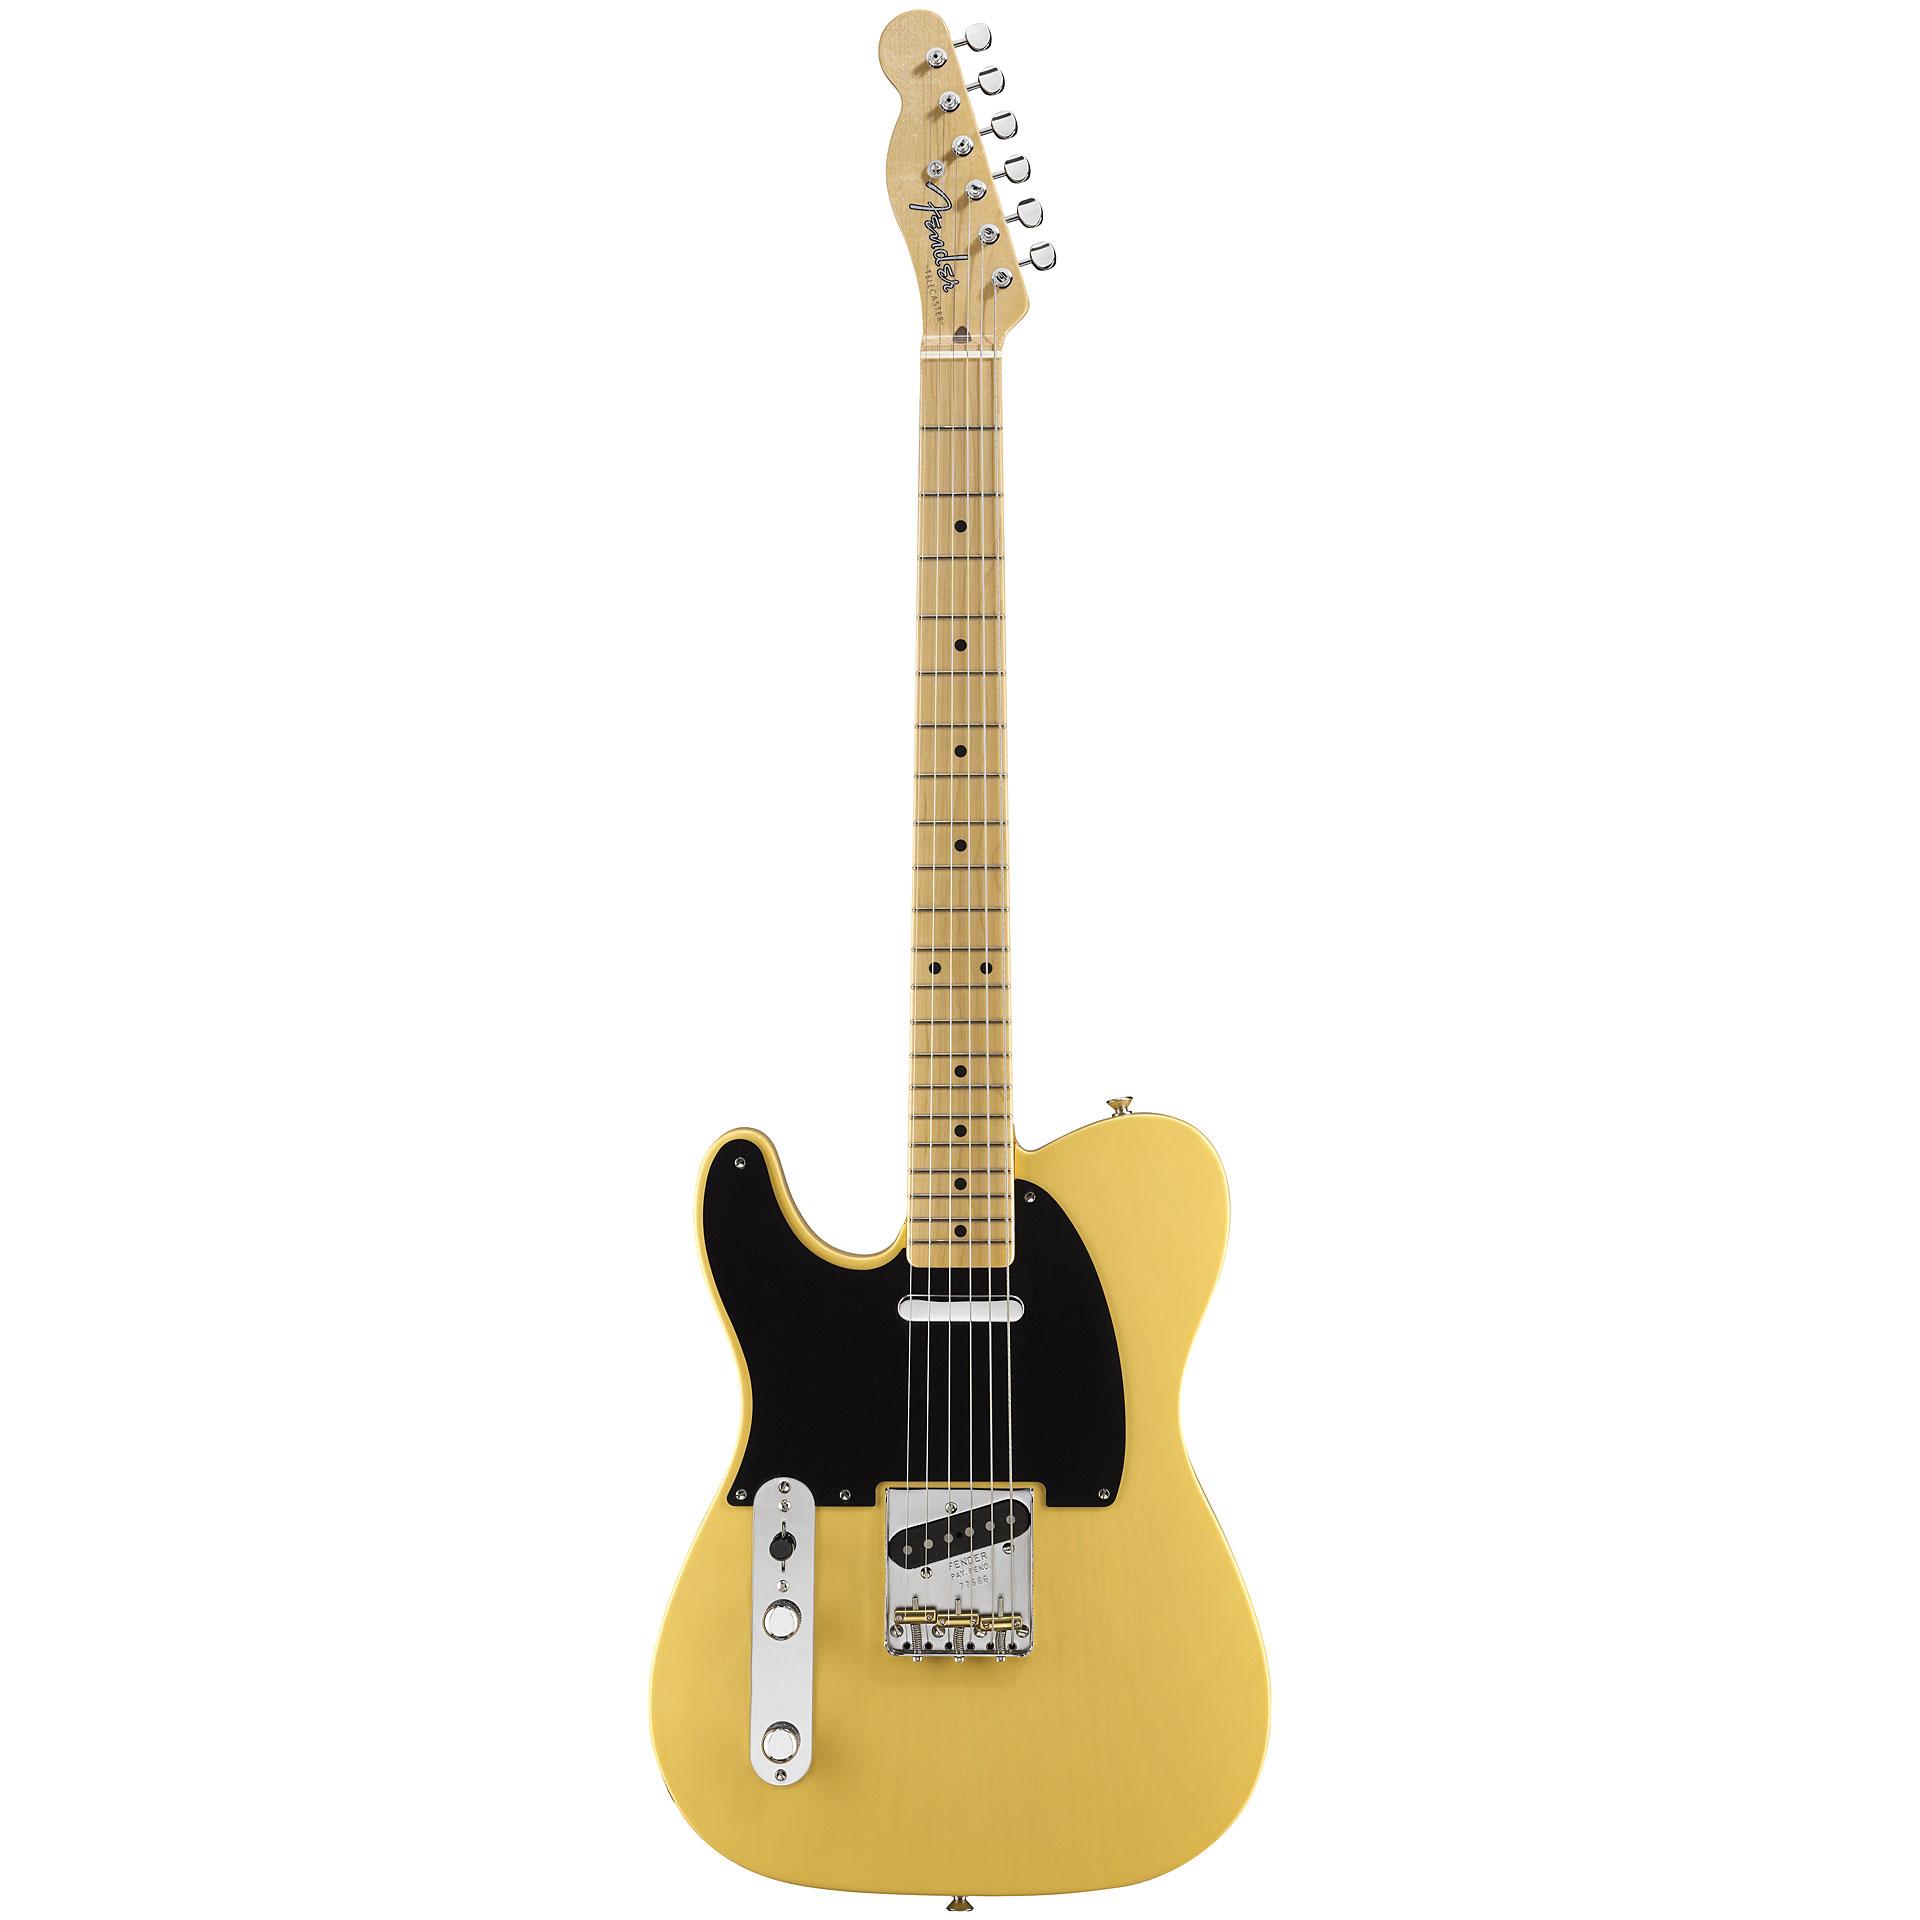 Fender telecaster 52 vintage